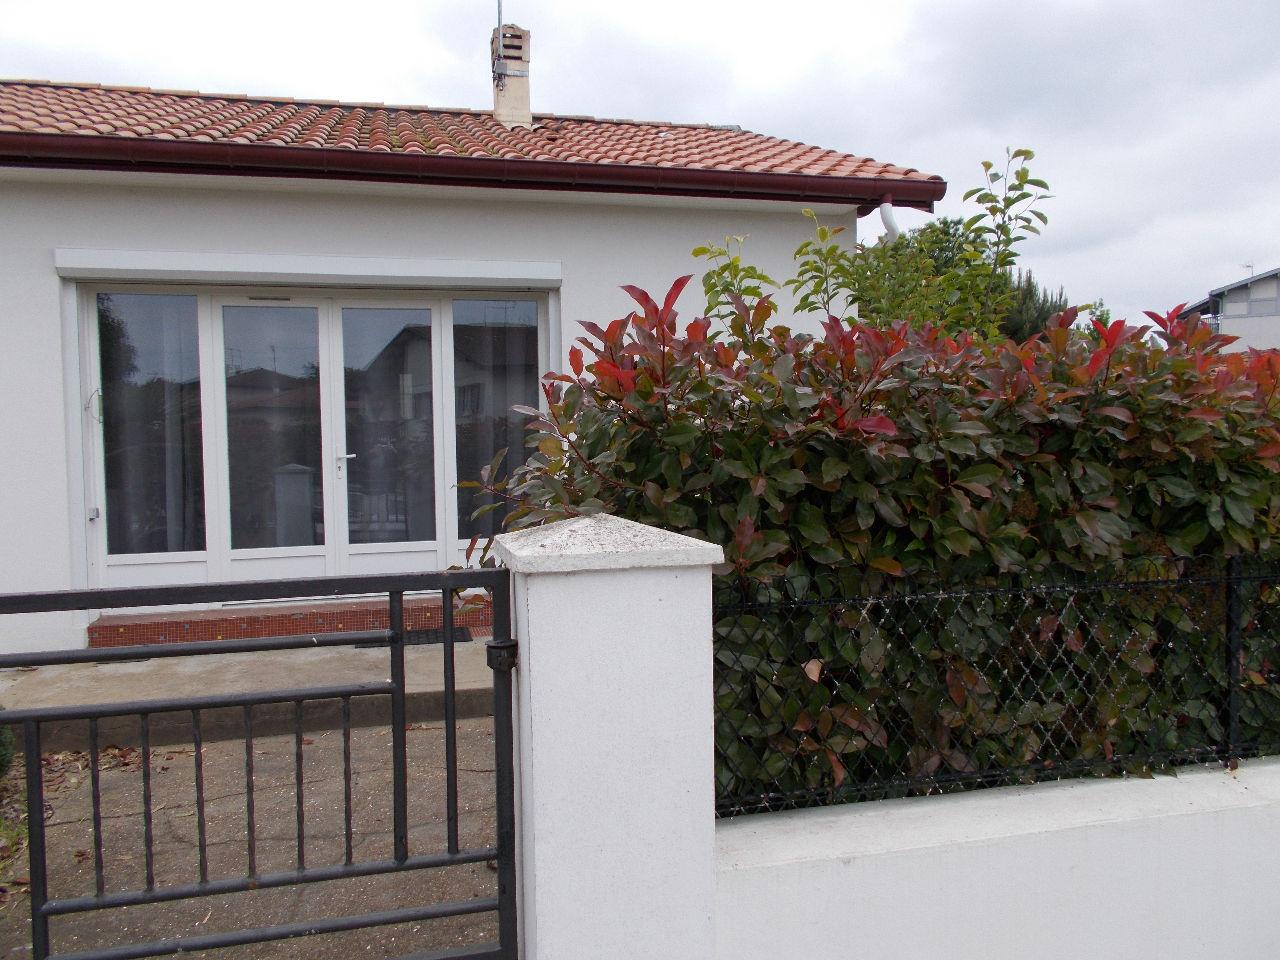 la maison du lac saint paul les dax beautiful maison rcente t saint paul les dax with la maison. Black Bedroom Furniture Sets. Home Design Ideas